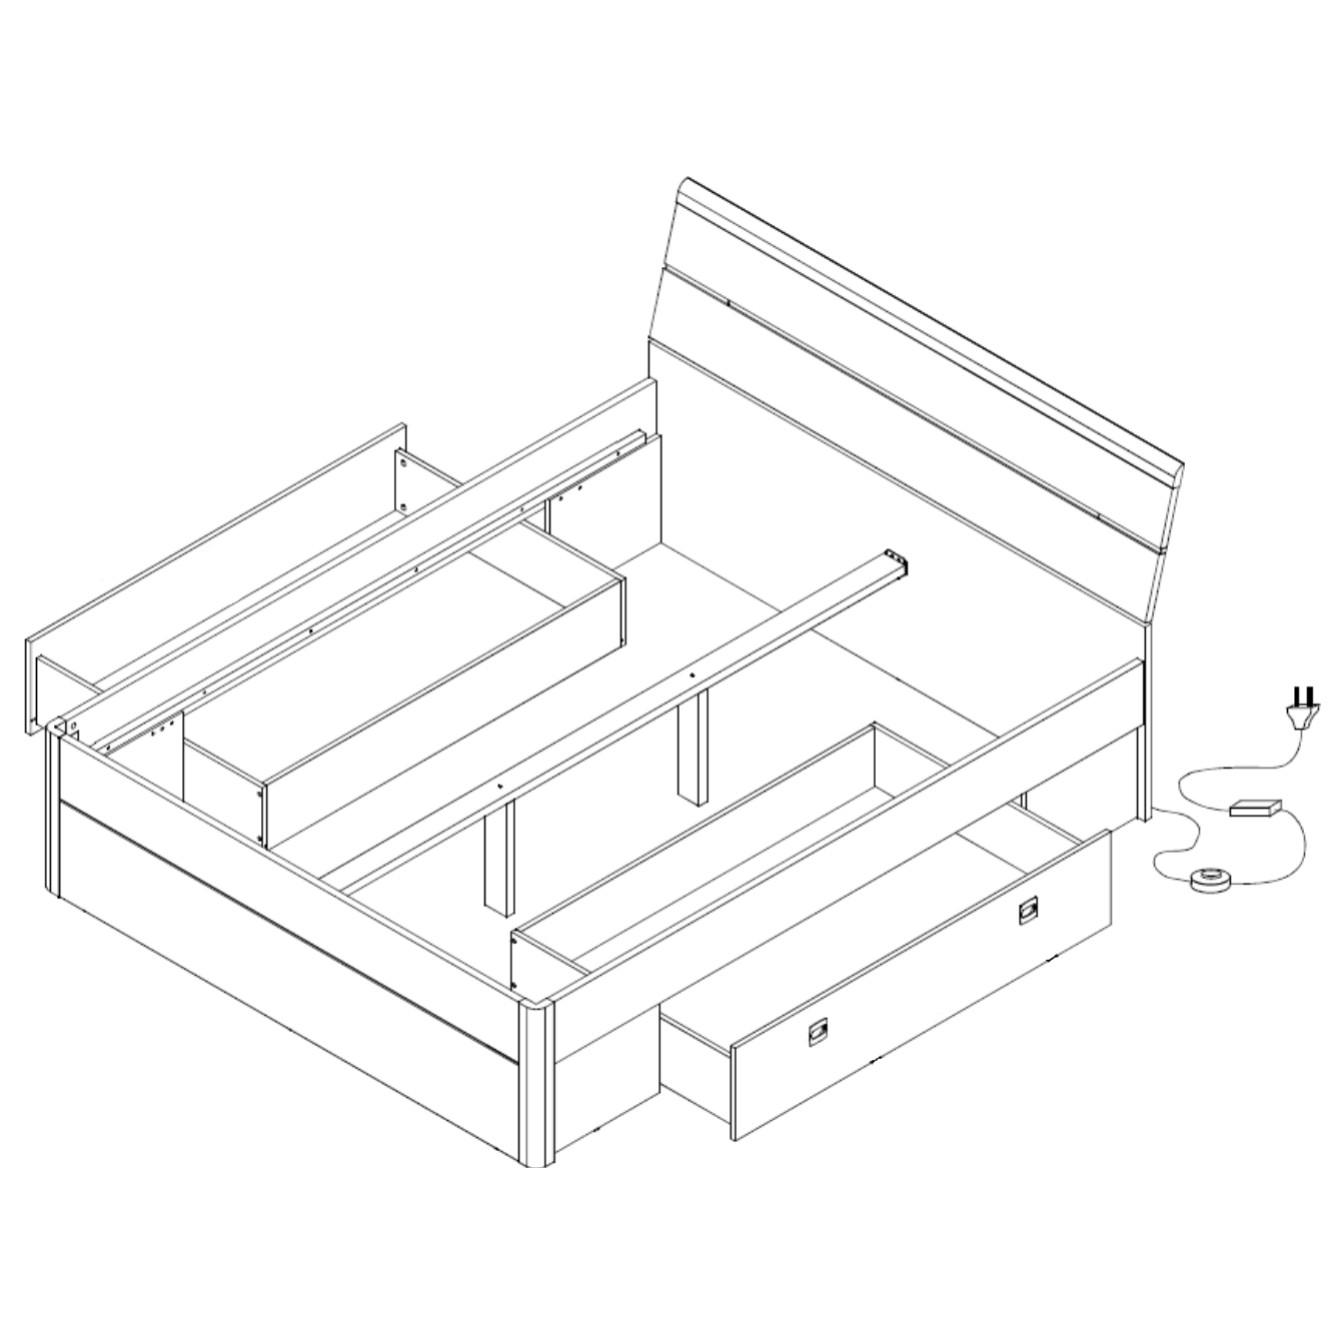 Sconto Postel s nočními stolky MAESTRO bílá, 180x200 cm Set postele a dvou nočních stolků MAESTRO vytváří dobrý základ ložnice.